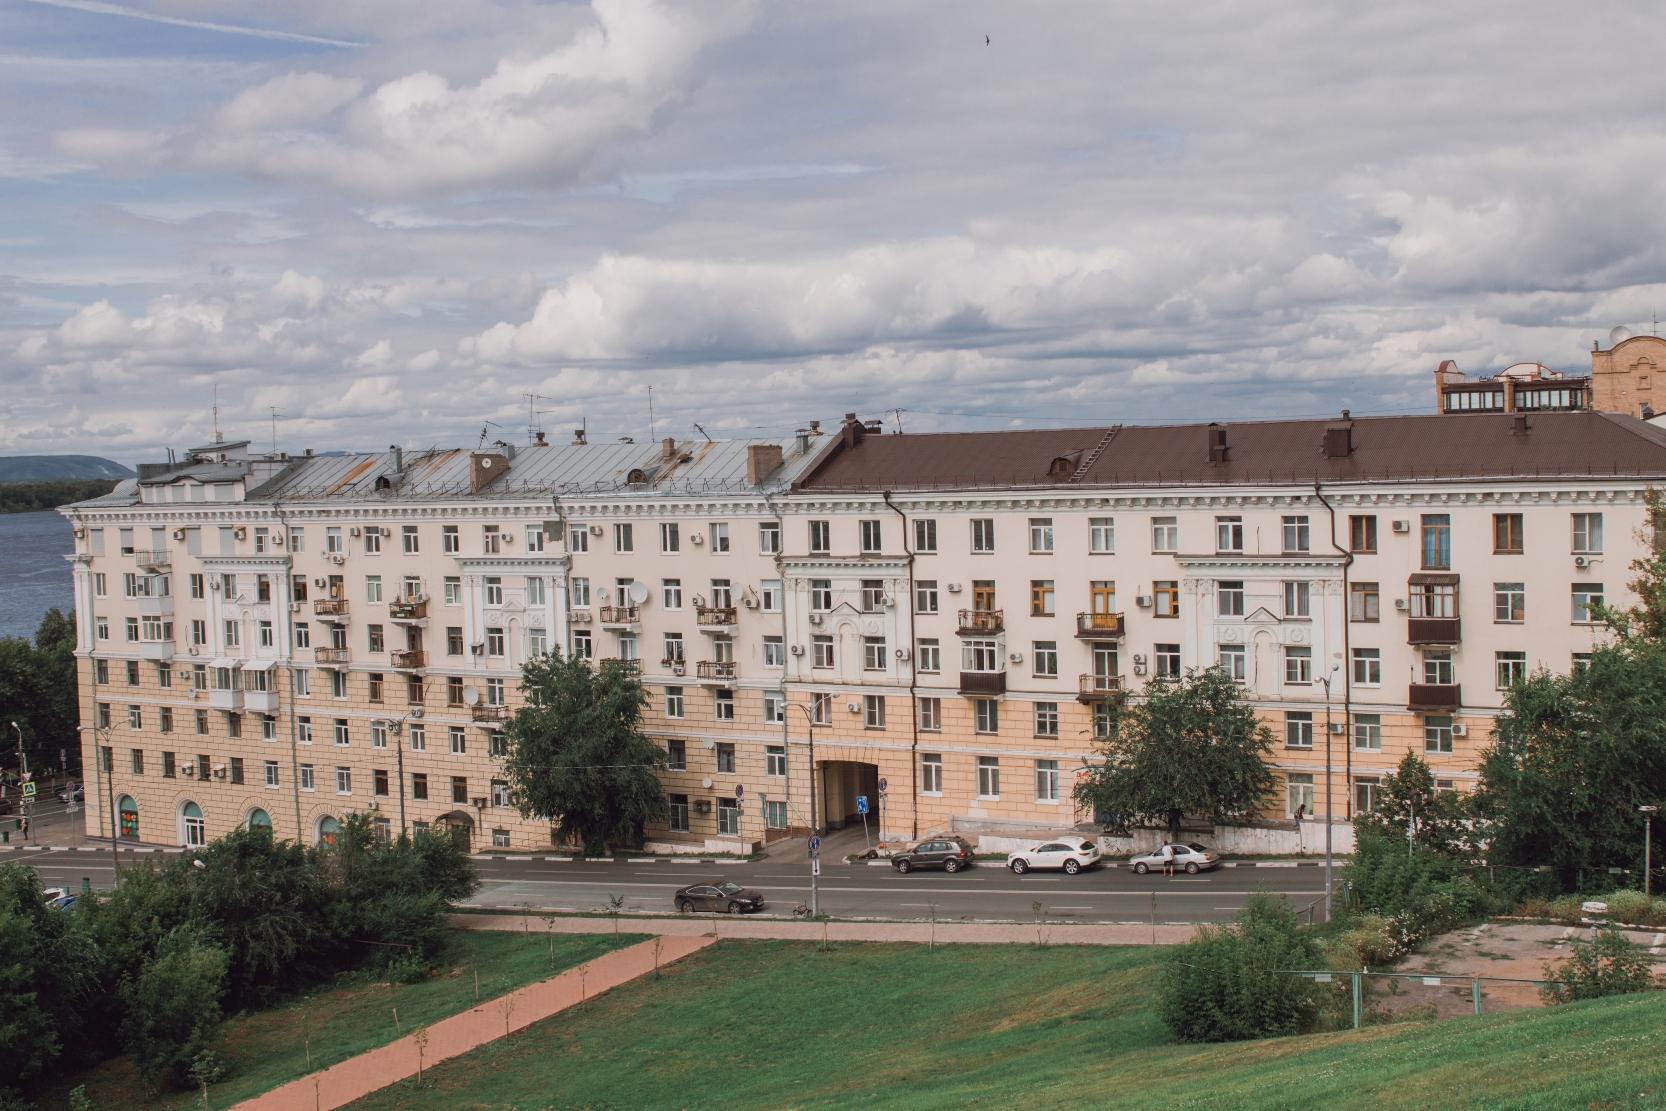 Жилой дом управления МВД (Маяковского, 2)